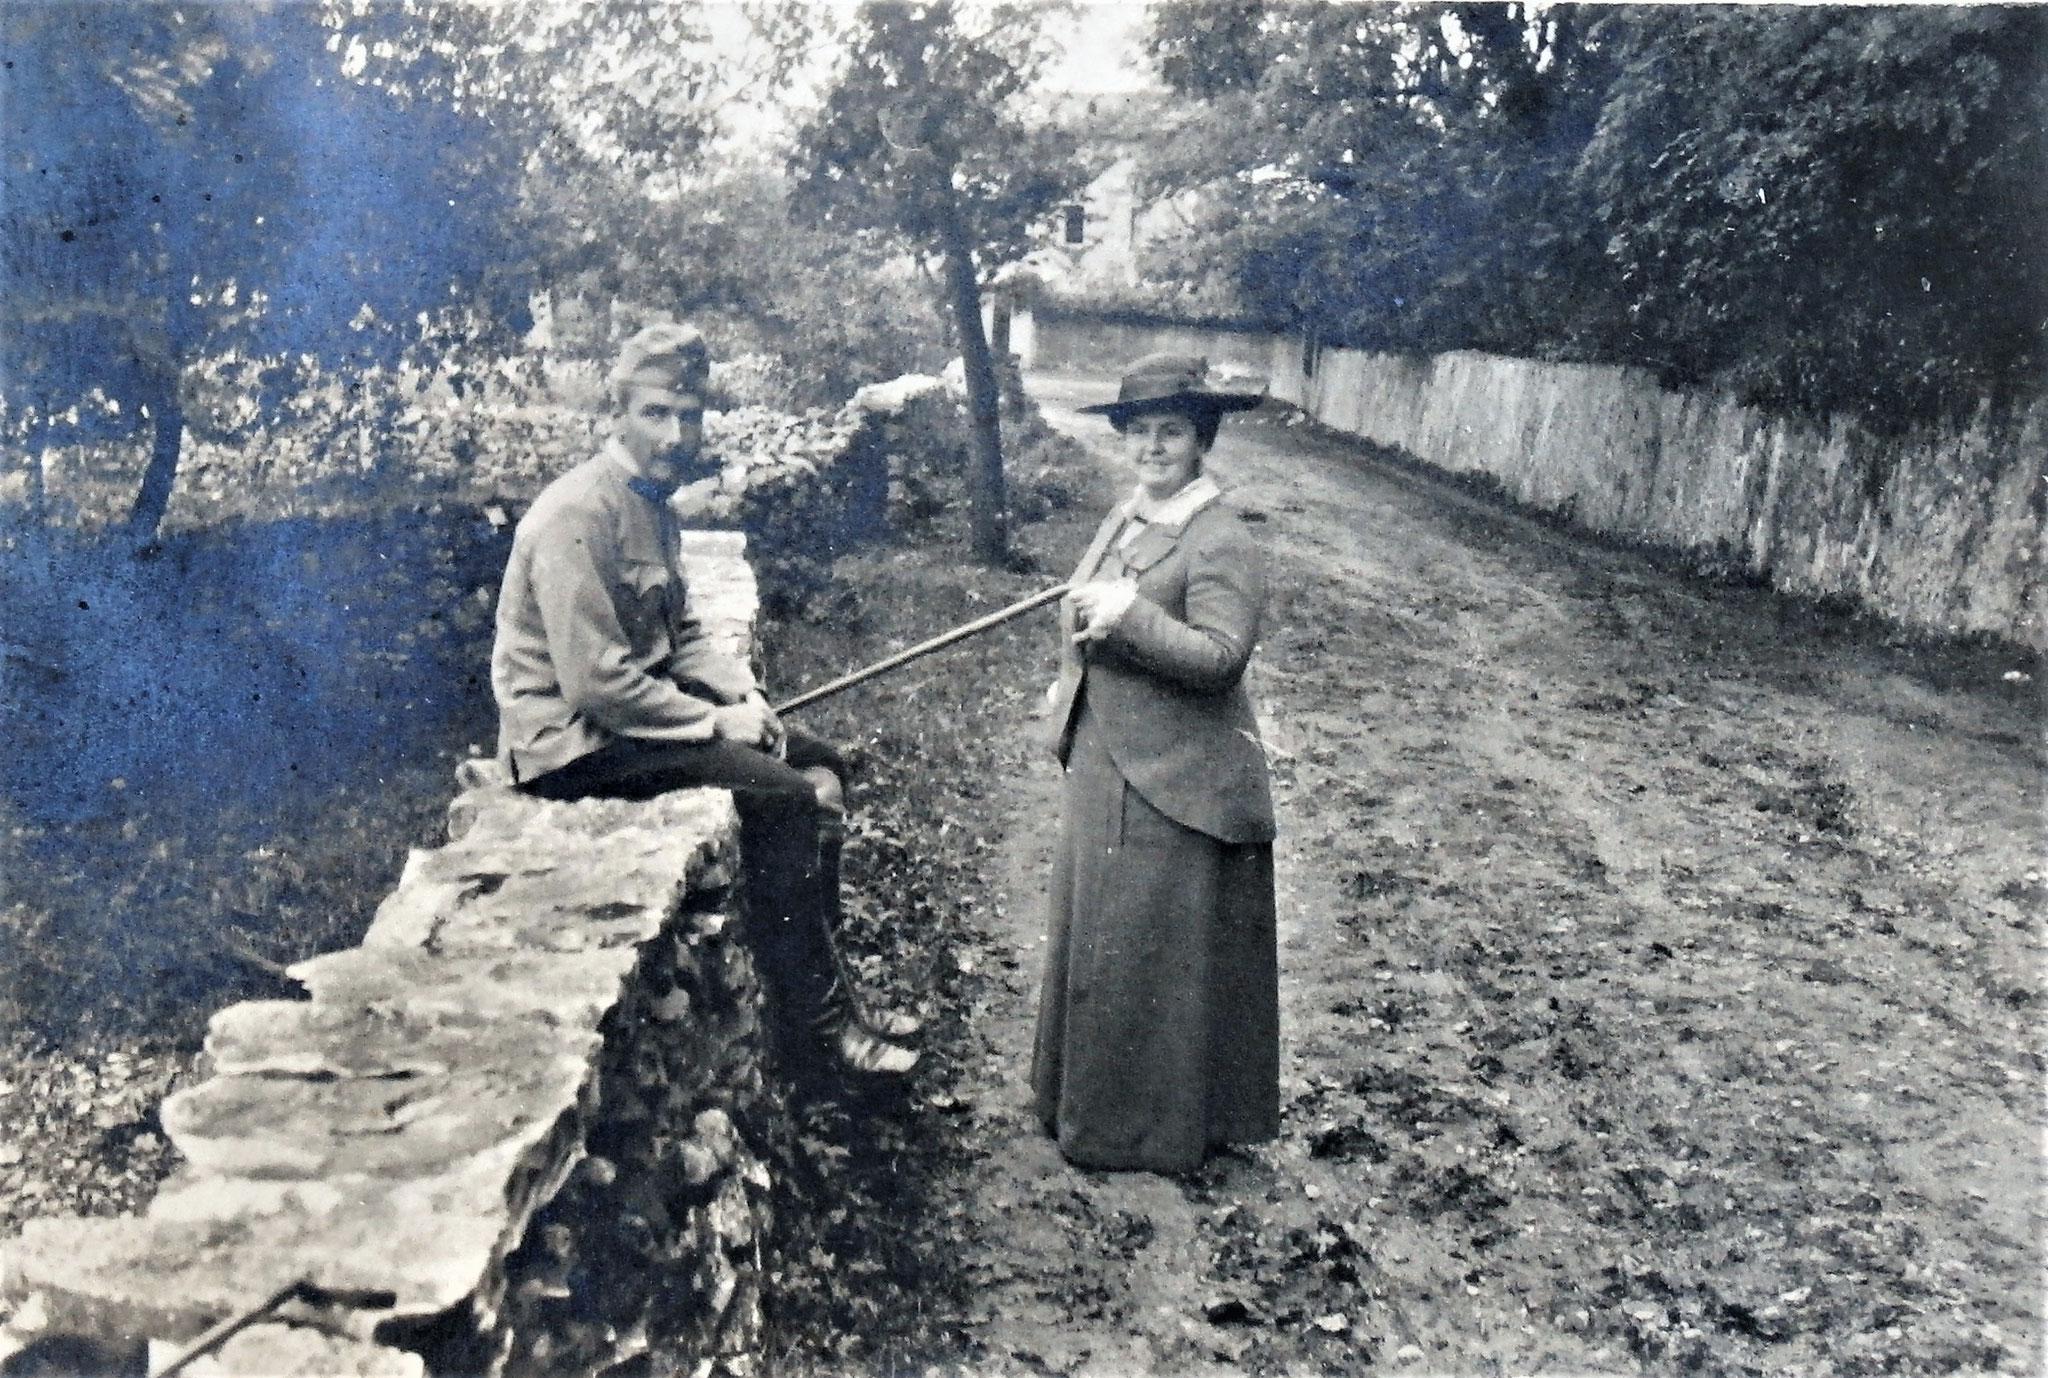 Sulkowski u. Frau gegenüber dem Schloss, wo Mannschaft u. Pferde untergebracht waren.